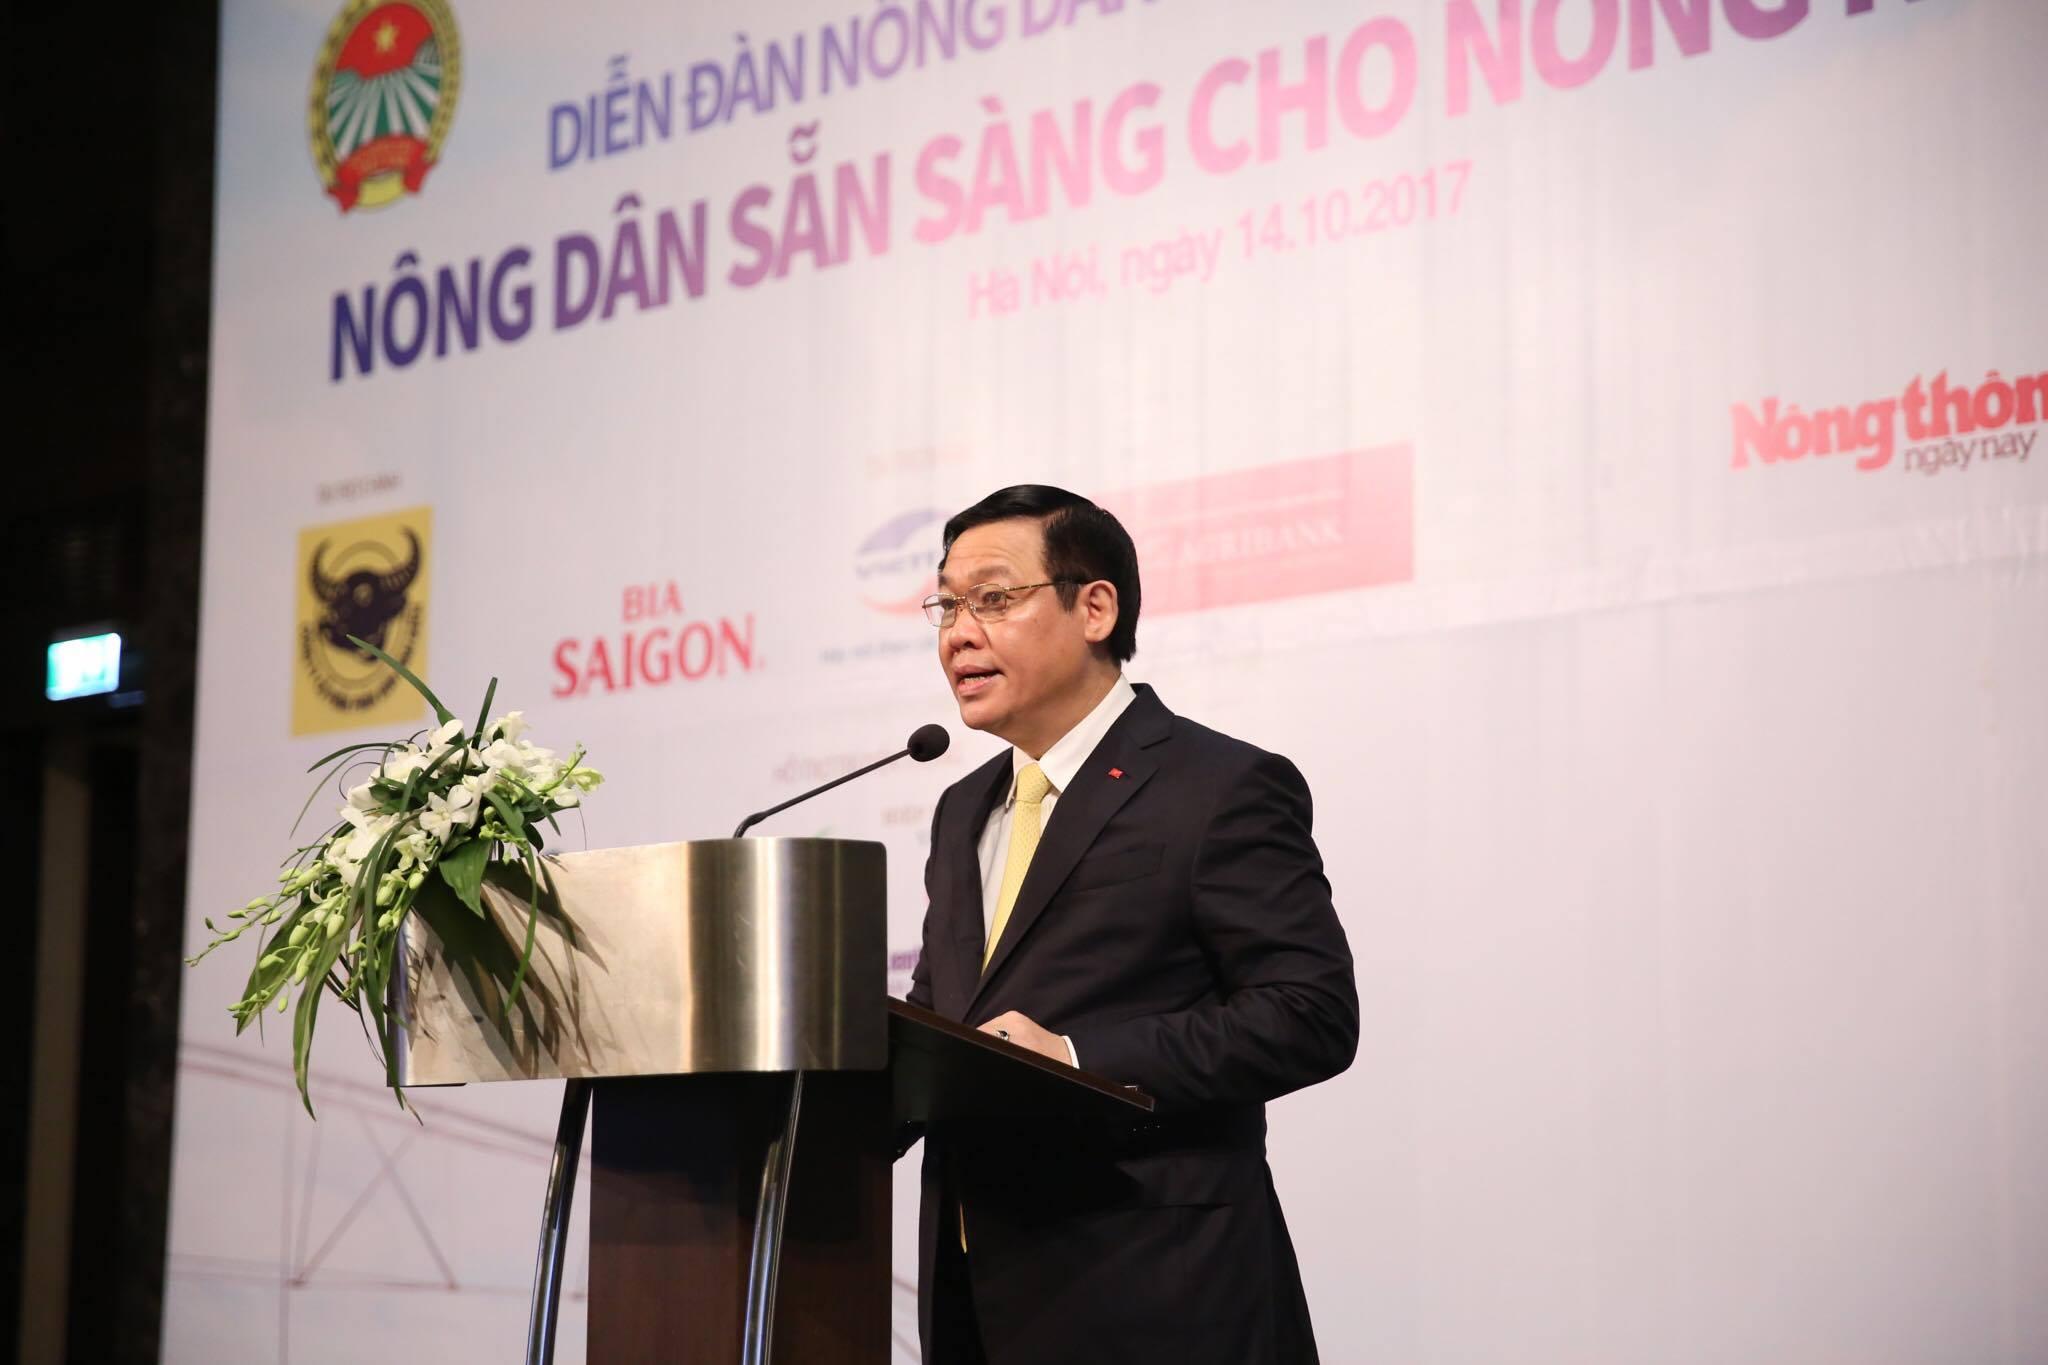 """Diễn đàn Nông dân Việt Nam lần thứ 2 với chủ đề """"Nông dân sẵn sàng cho nông nghiệp 4.0"""""""